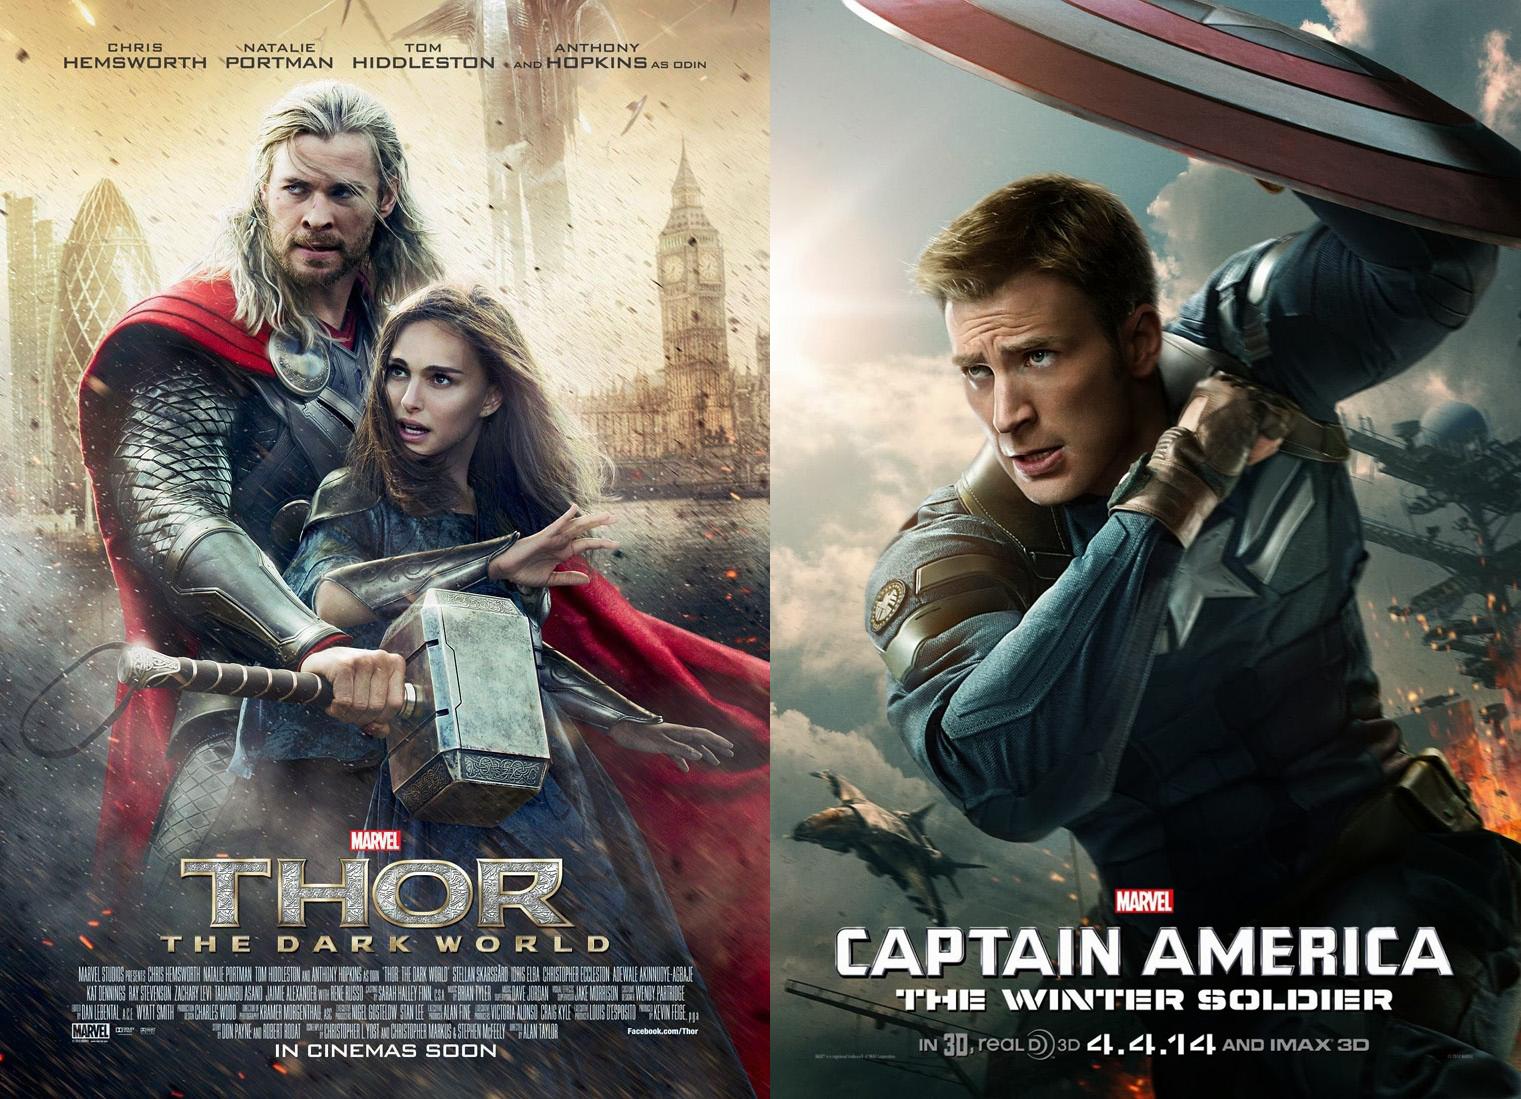 Captain_America-thor_darkworld.jpg